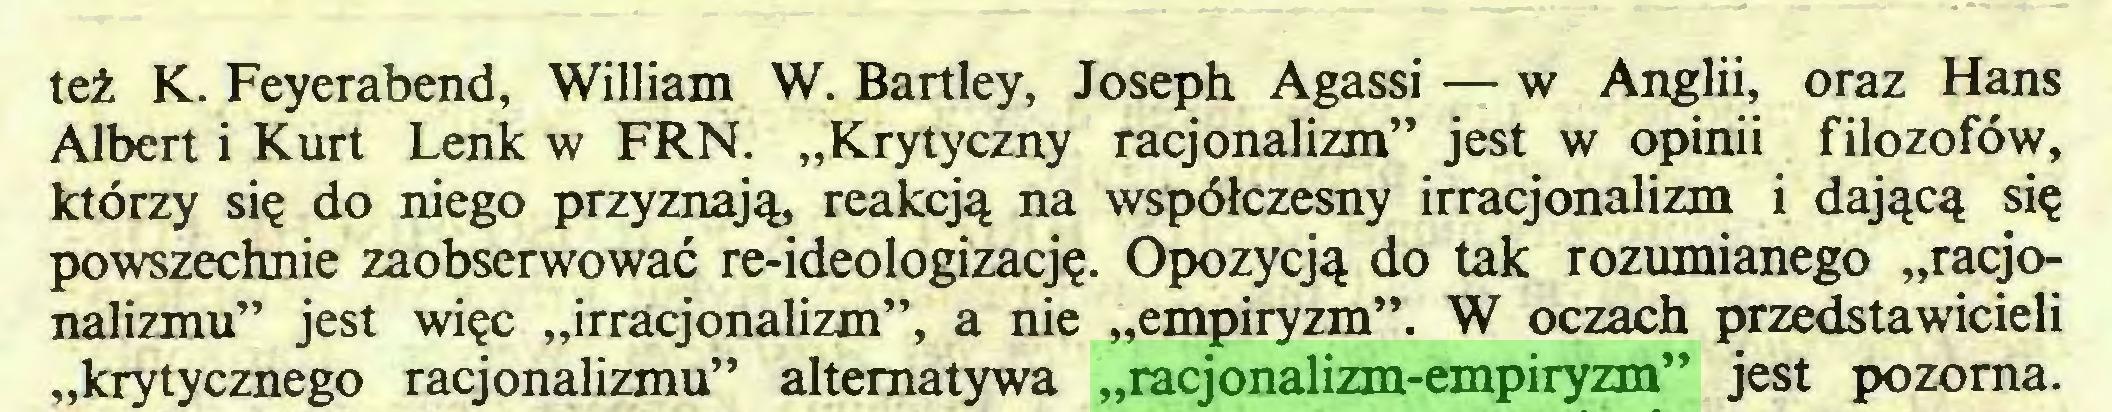 """(...) też K. Feyerabend, William W. Bartley, Joseph Agassi — w Anglii, oraz Hans Albert i Kurt Lenk w FRN. """"Krytyczny racjonalizm"""" jest w opinii filozofów, którzy się do niego przyznają, reakcją na współczesny irracjonalizm i dającą się powszechnie zaobserwować re-ideologizację. Opozycją do tak rozumianego """"racjonalizmu"""" jest więc """"irracjonalizm"""", a nie """"empiryzm"""". W oczach przedstawicieli """"krytycznego racjonalizmu"""" alternatywa """"racjonalizm-empiryzm"""" jest pozorna..."""